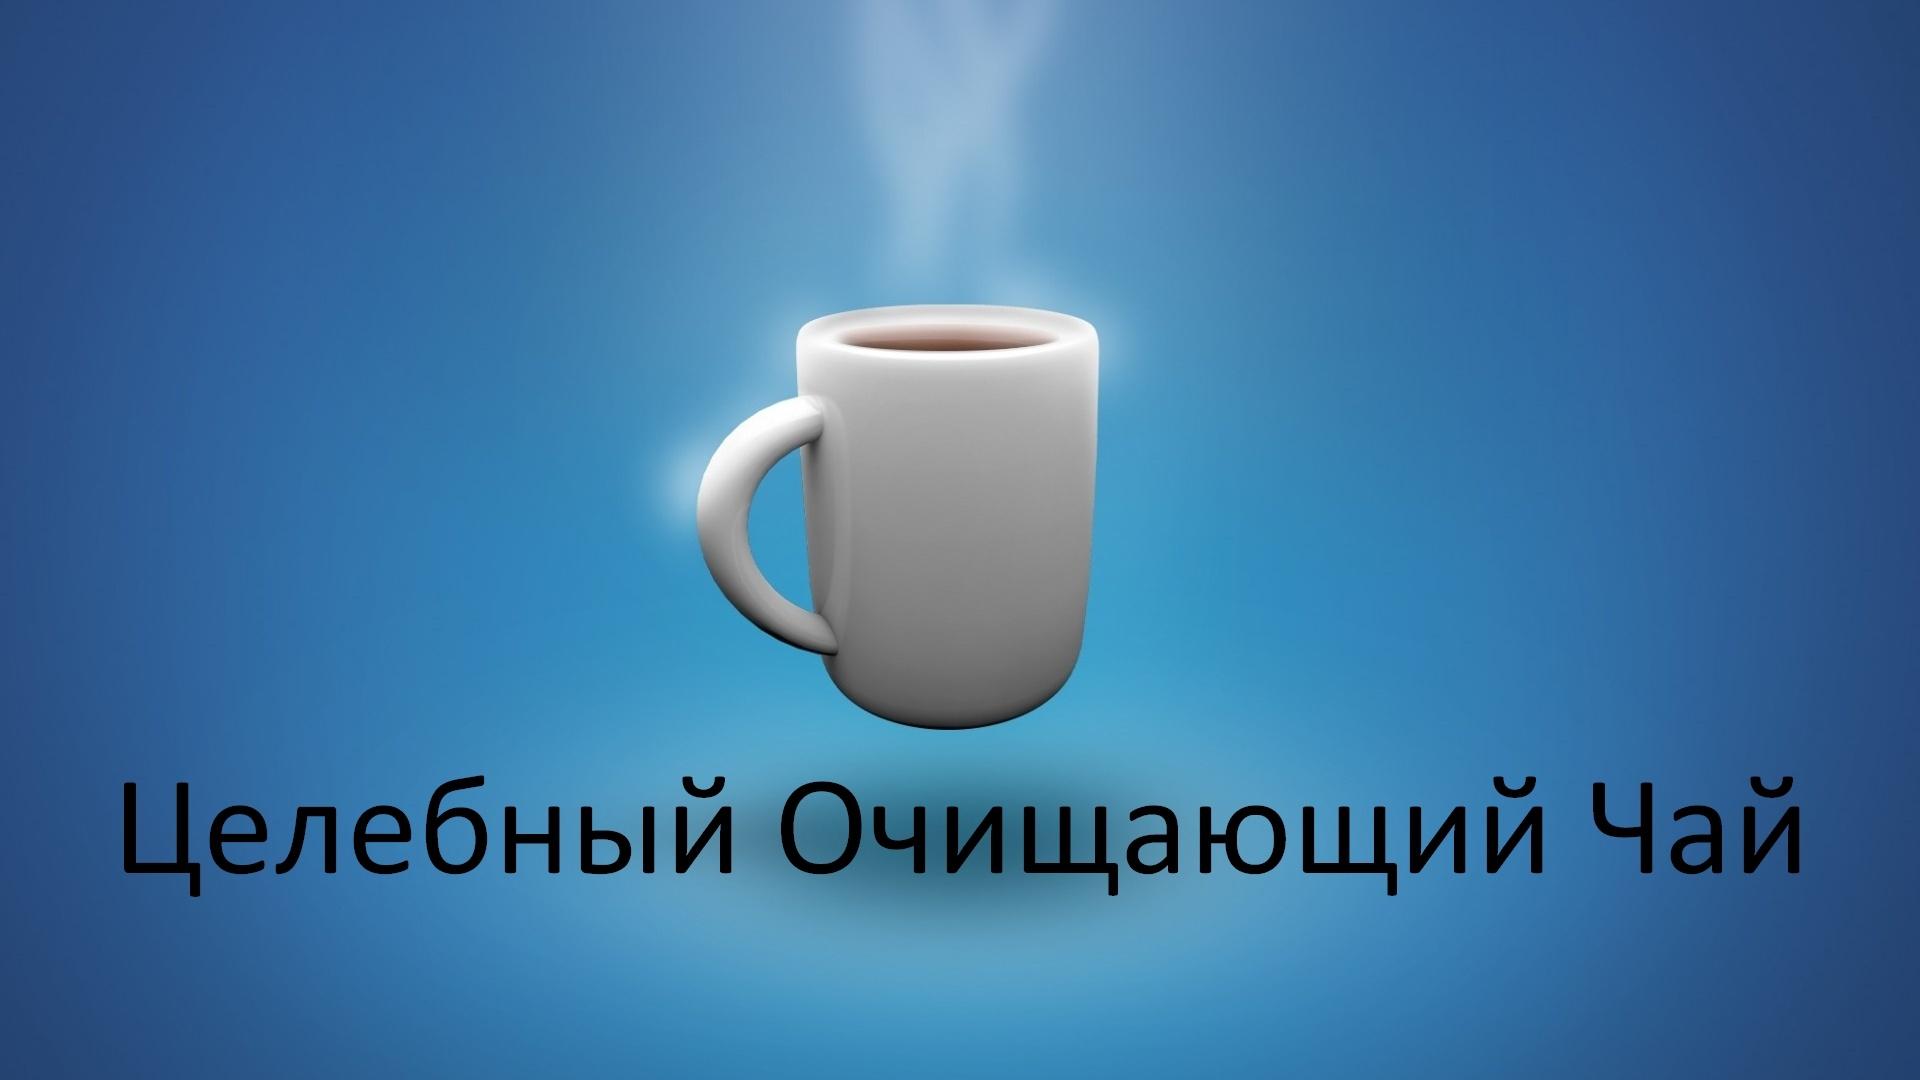 Целебный очищающий чай